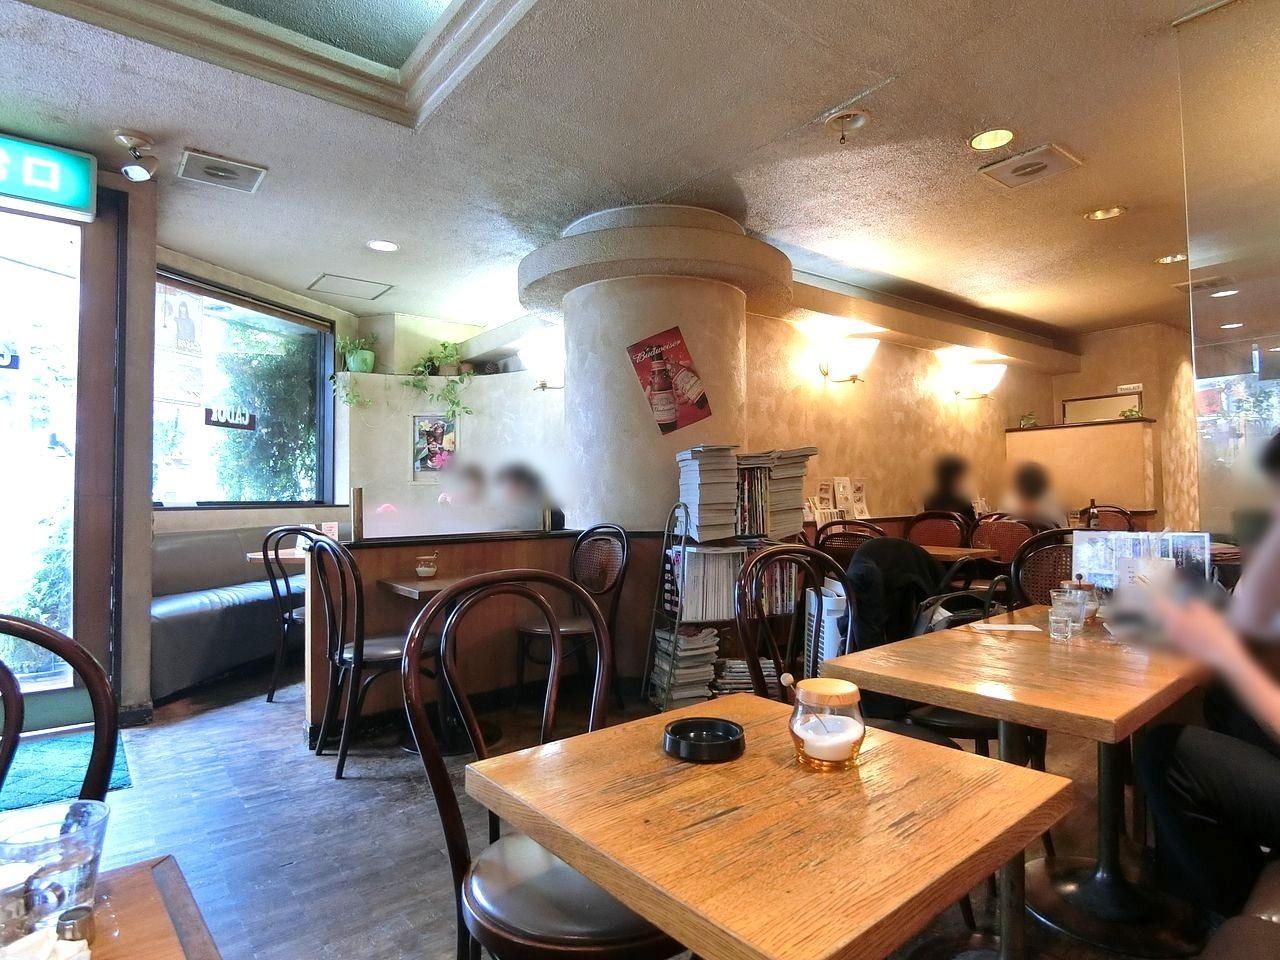 板橋区役所前にあるCafe de CADOT(カフェドカド)